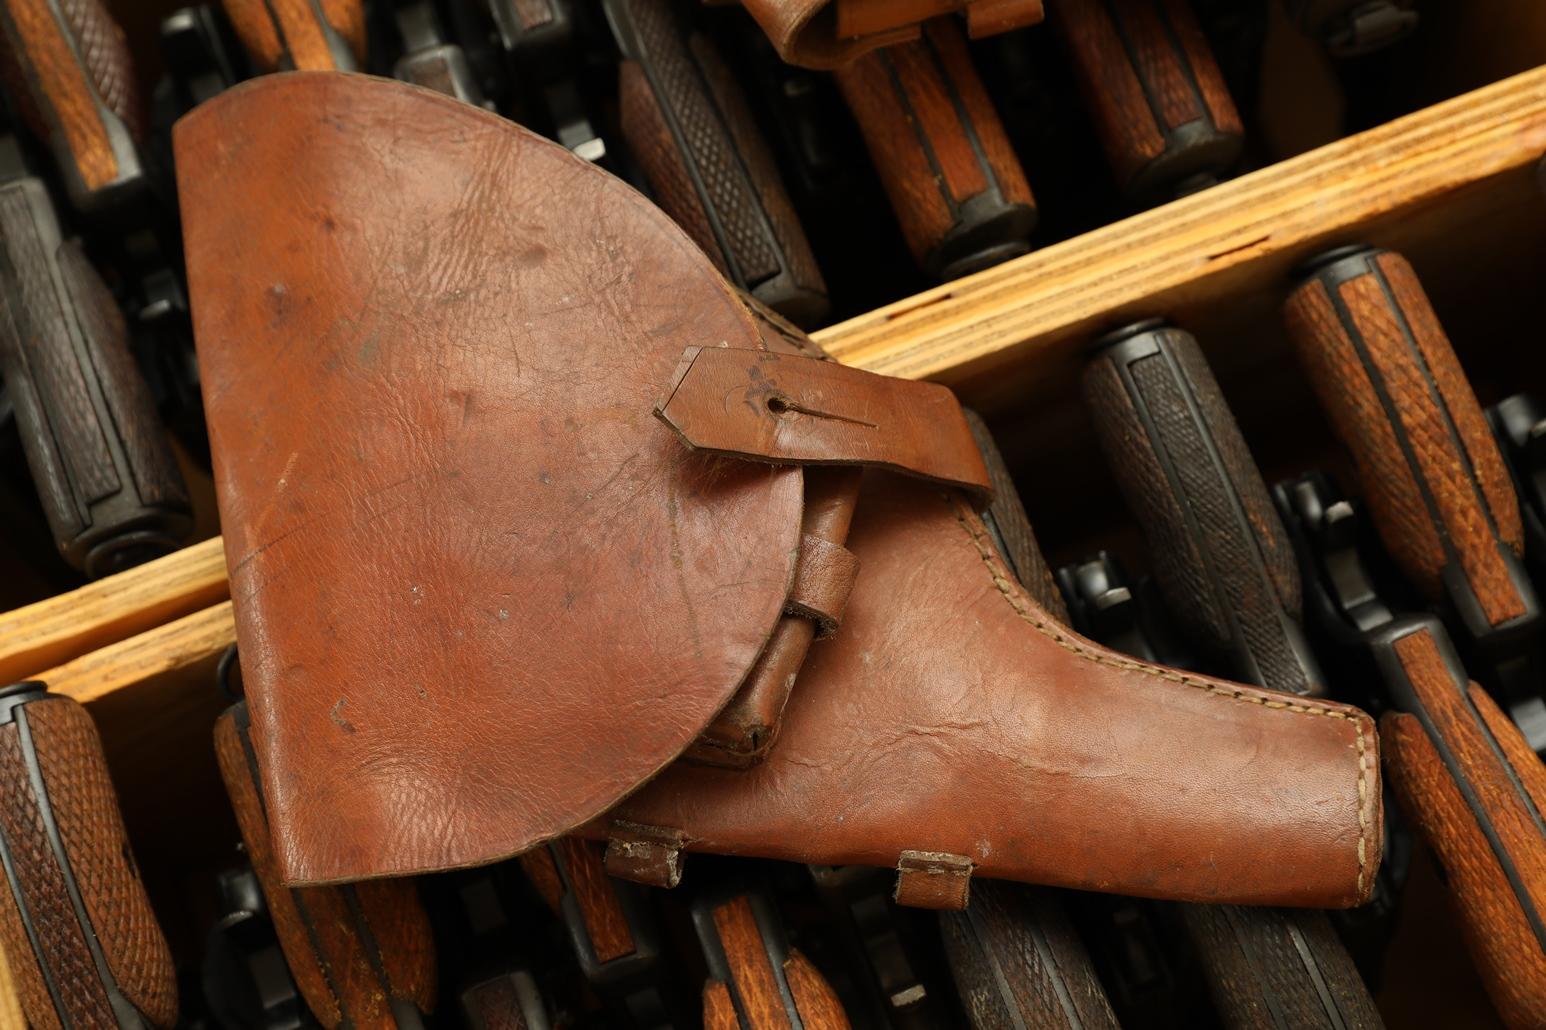 Царская кобура для револьвера Наган, 1914 год, склад